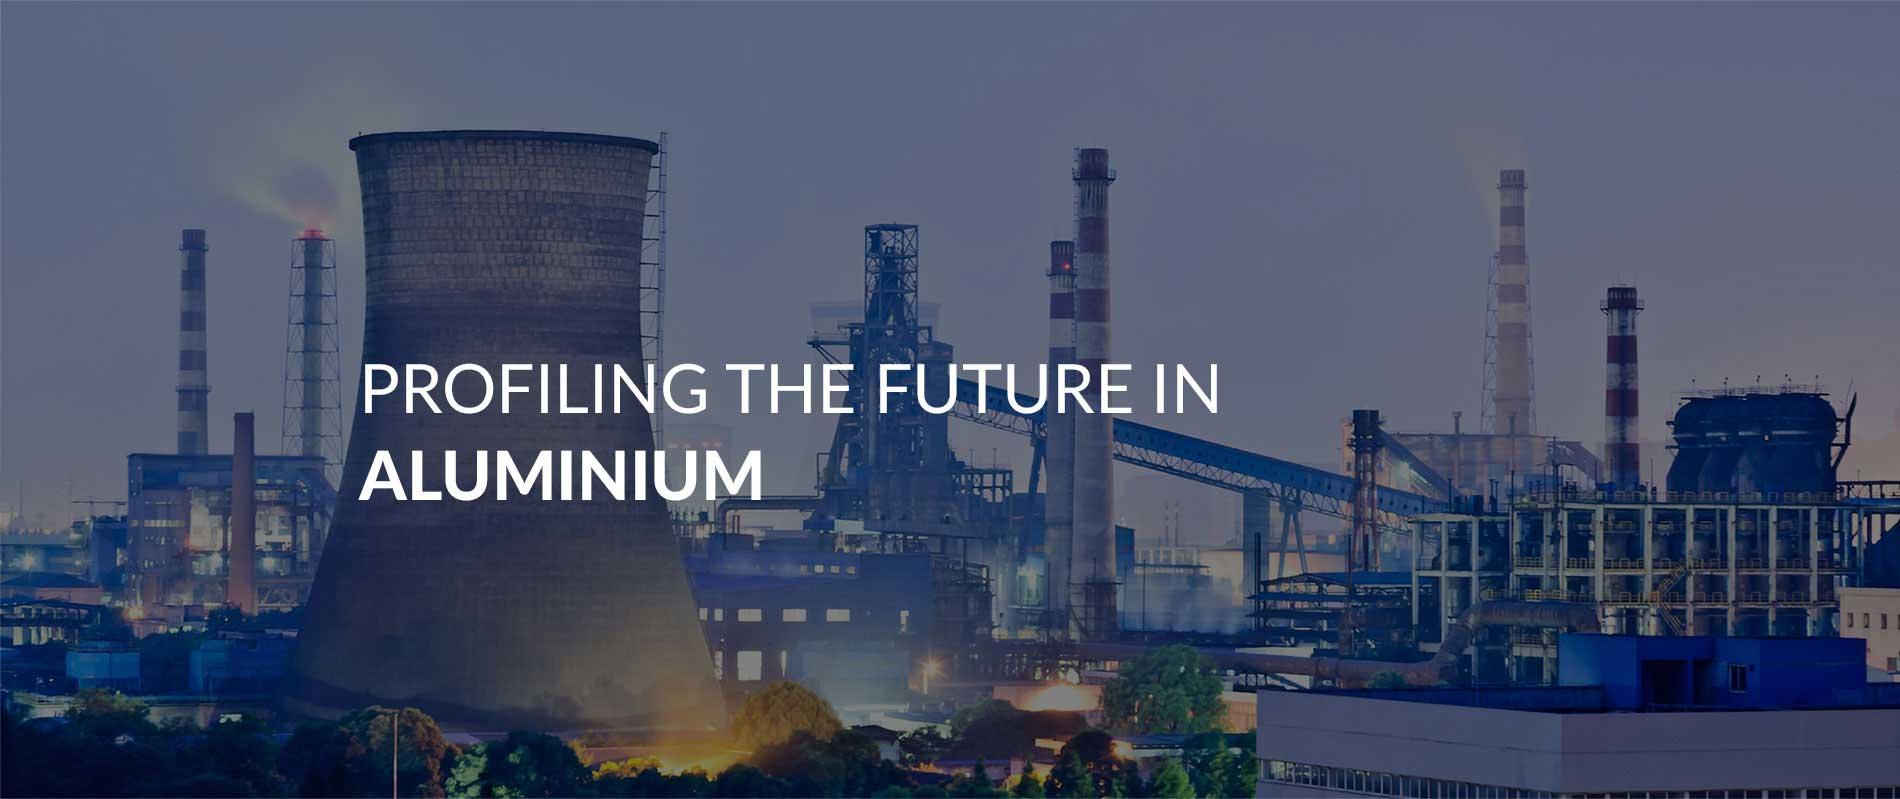 Profiling the future in aluminium